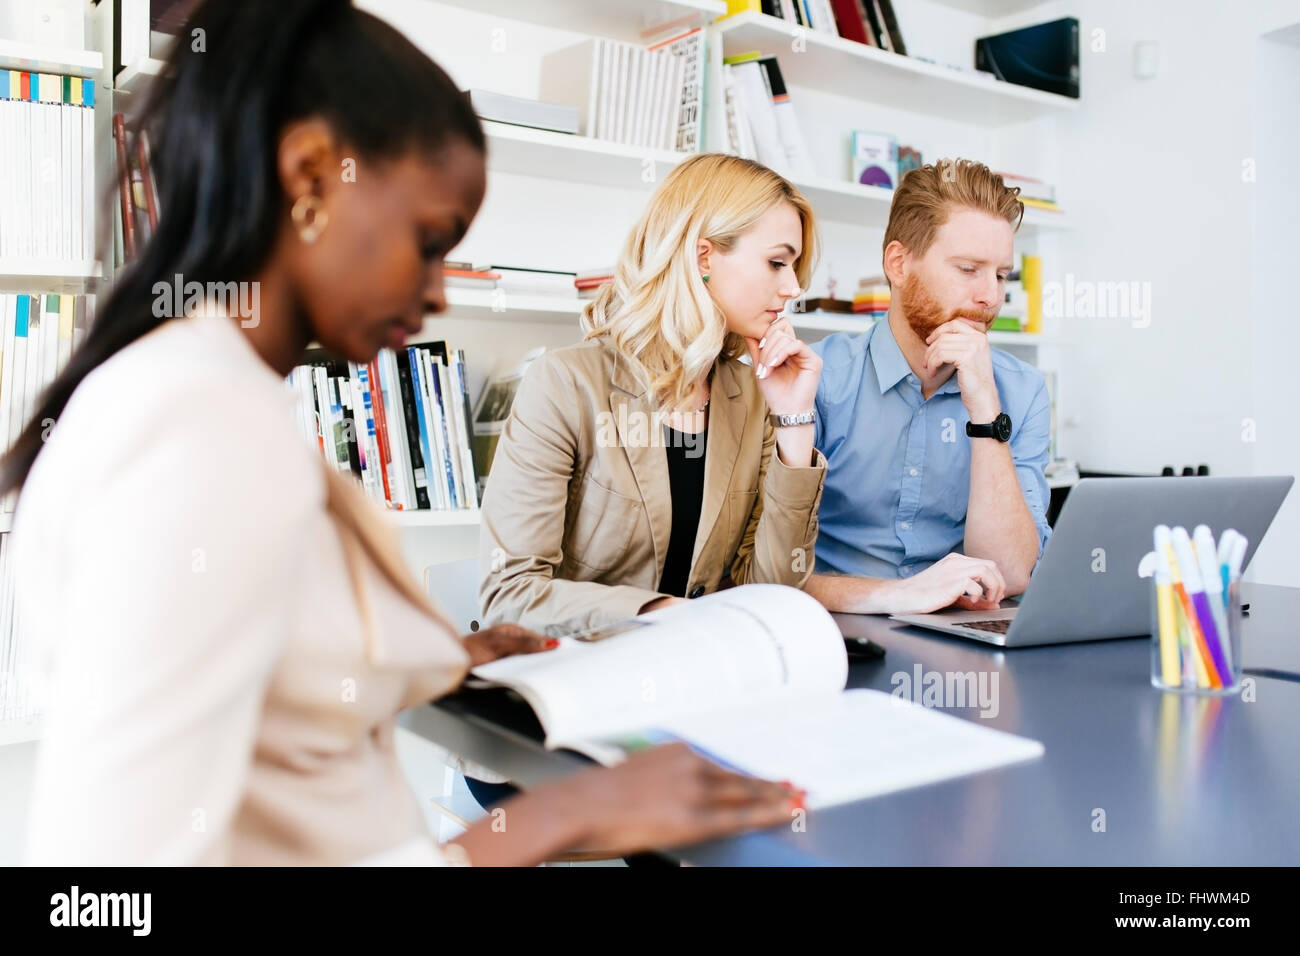 Multiethnische Menschen arbeiten in modernen, gut ausgestatteten Büro Stockbild